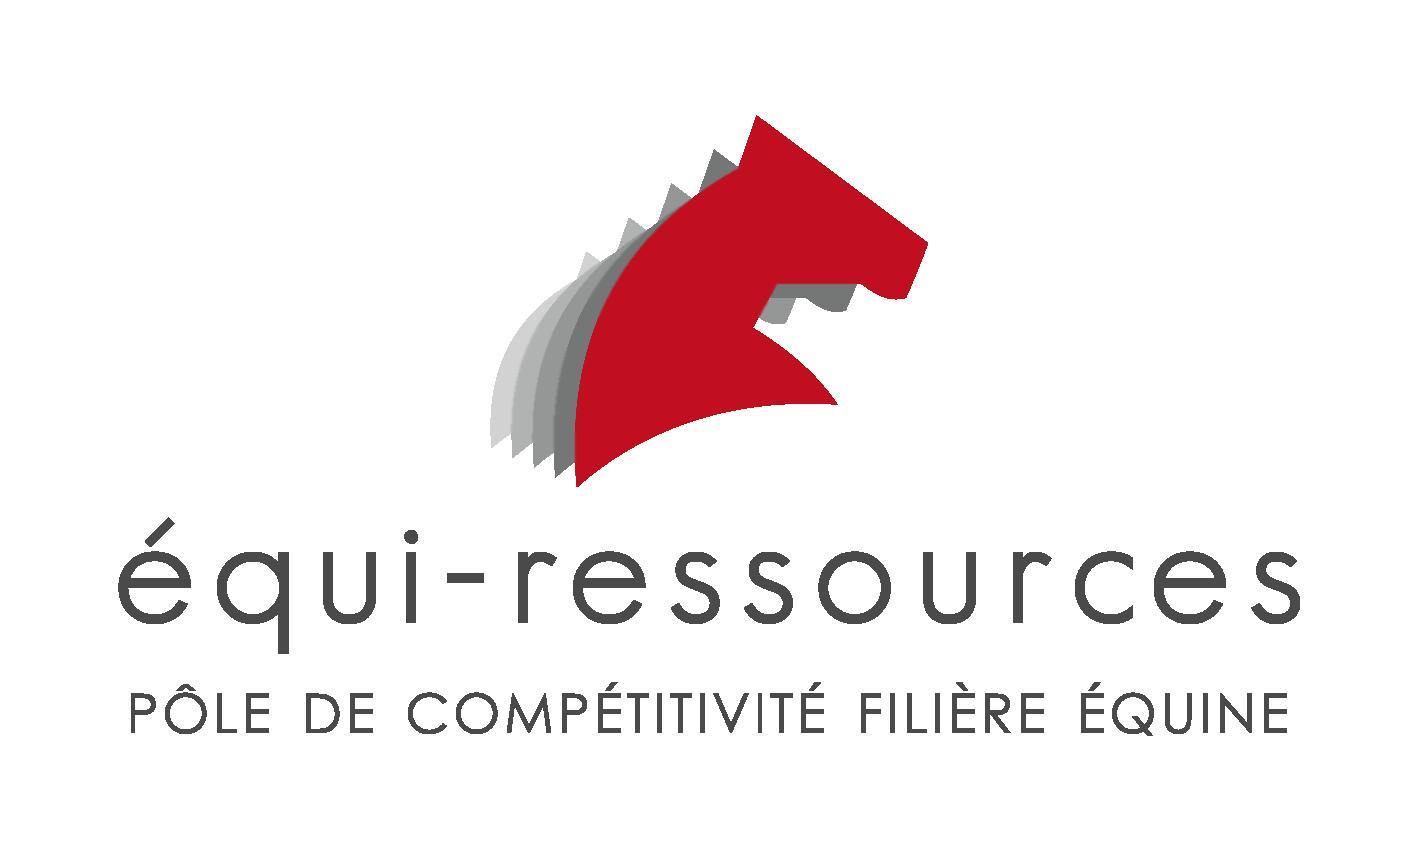 Bilan des offres d'emploi Equiressources au 31/07/2017